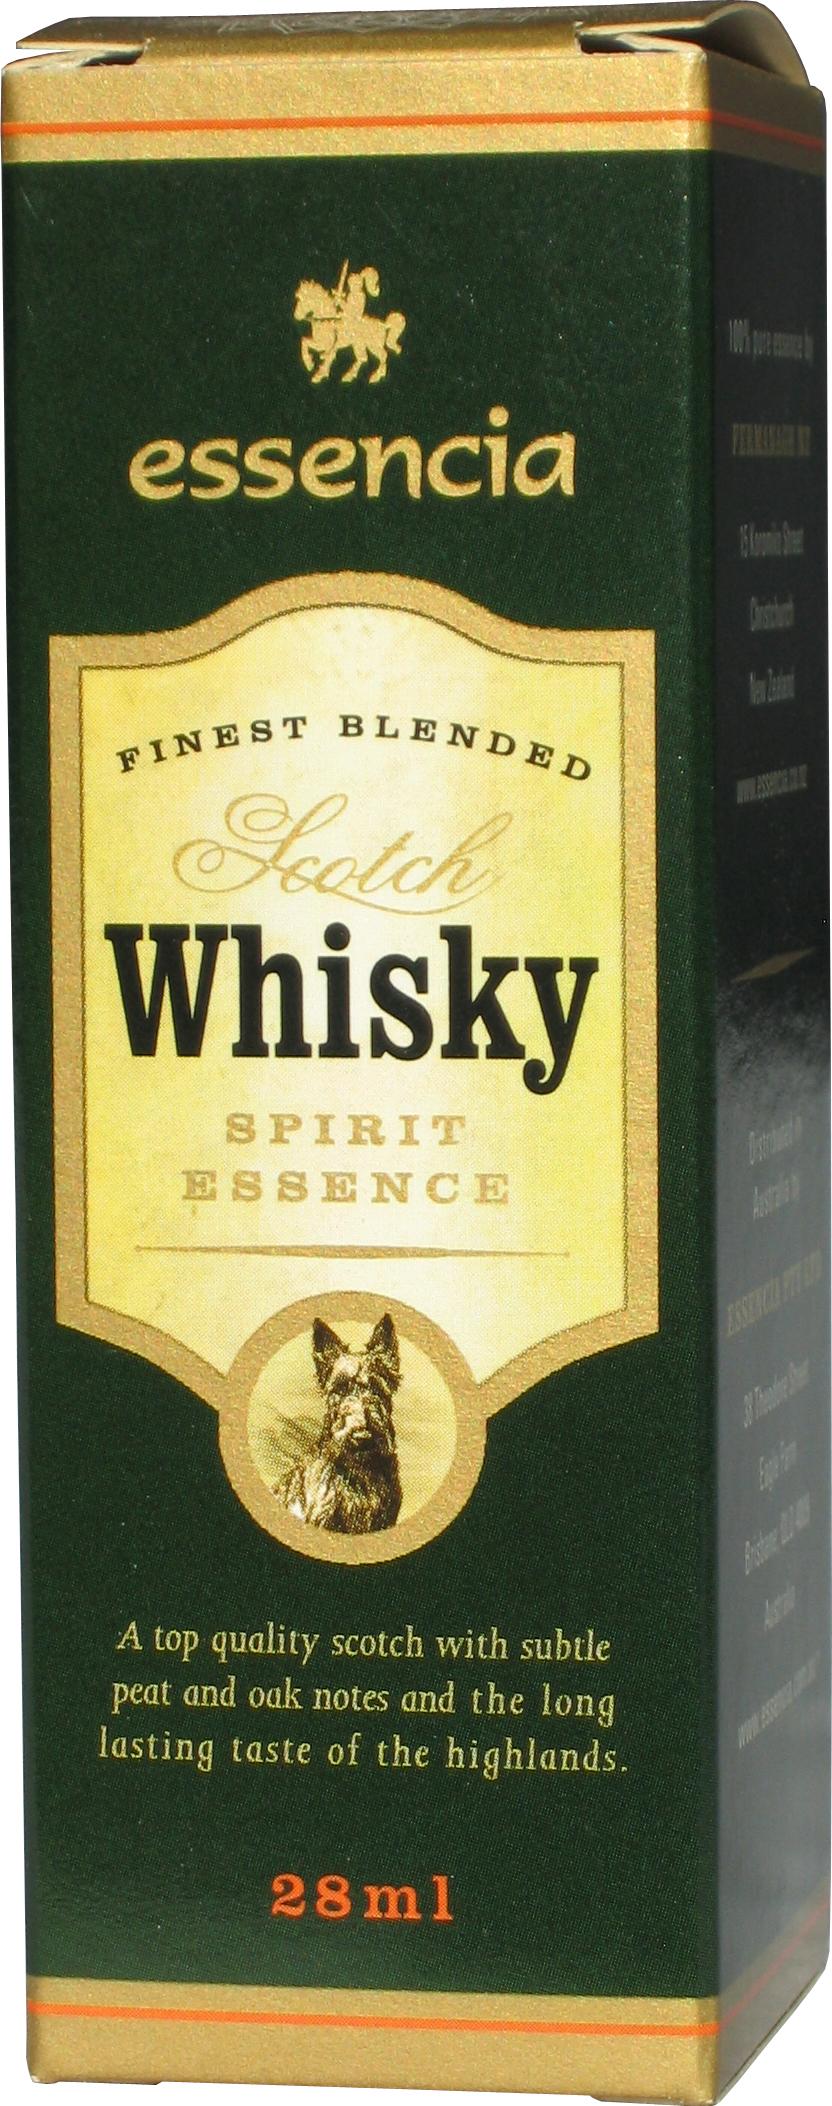 Essencia Scotch Whisky